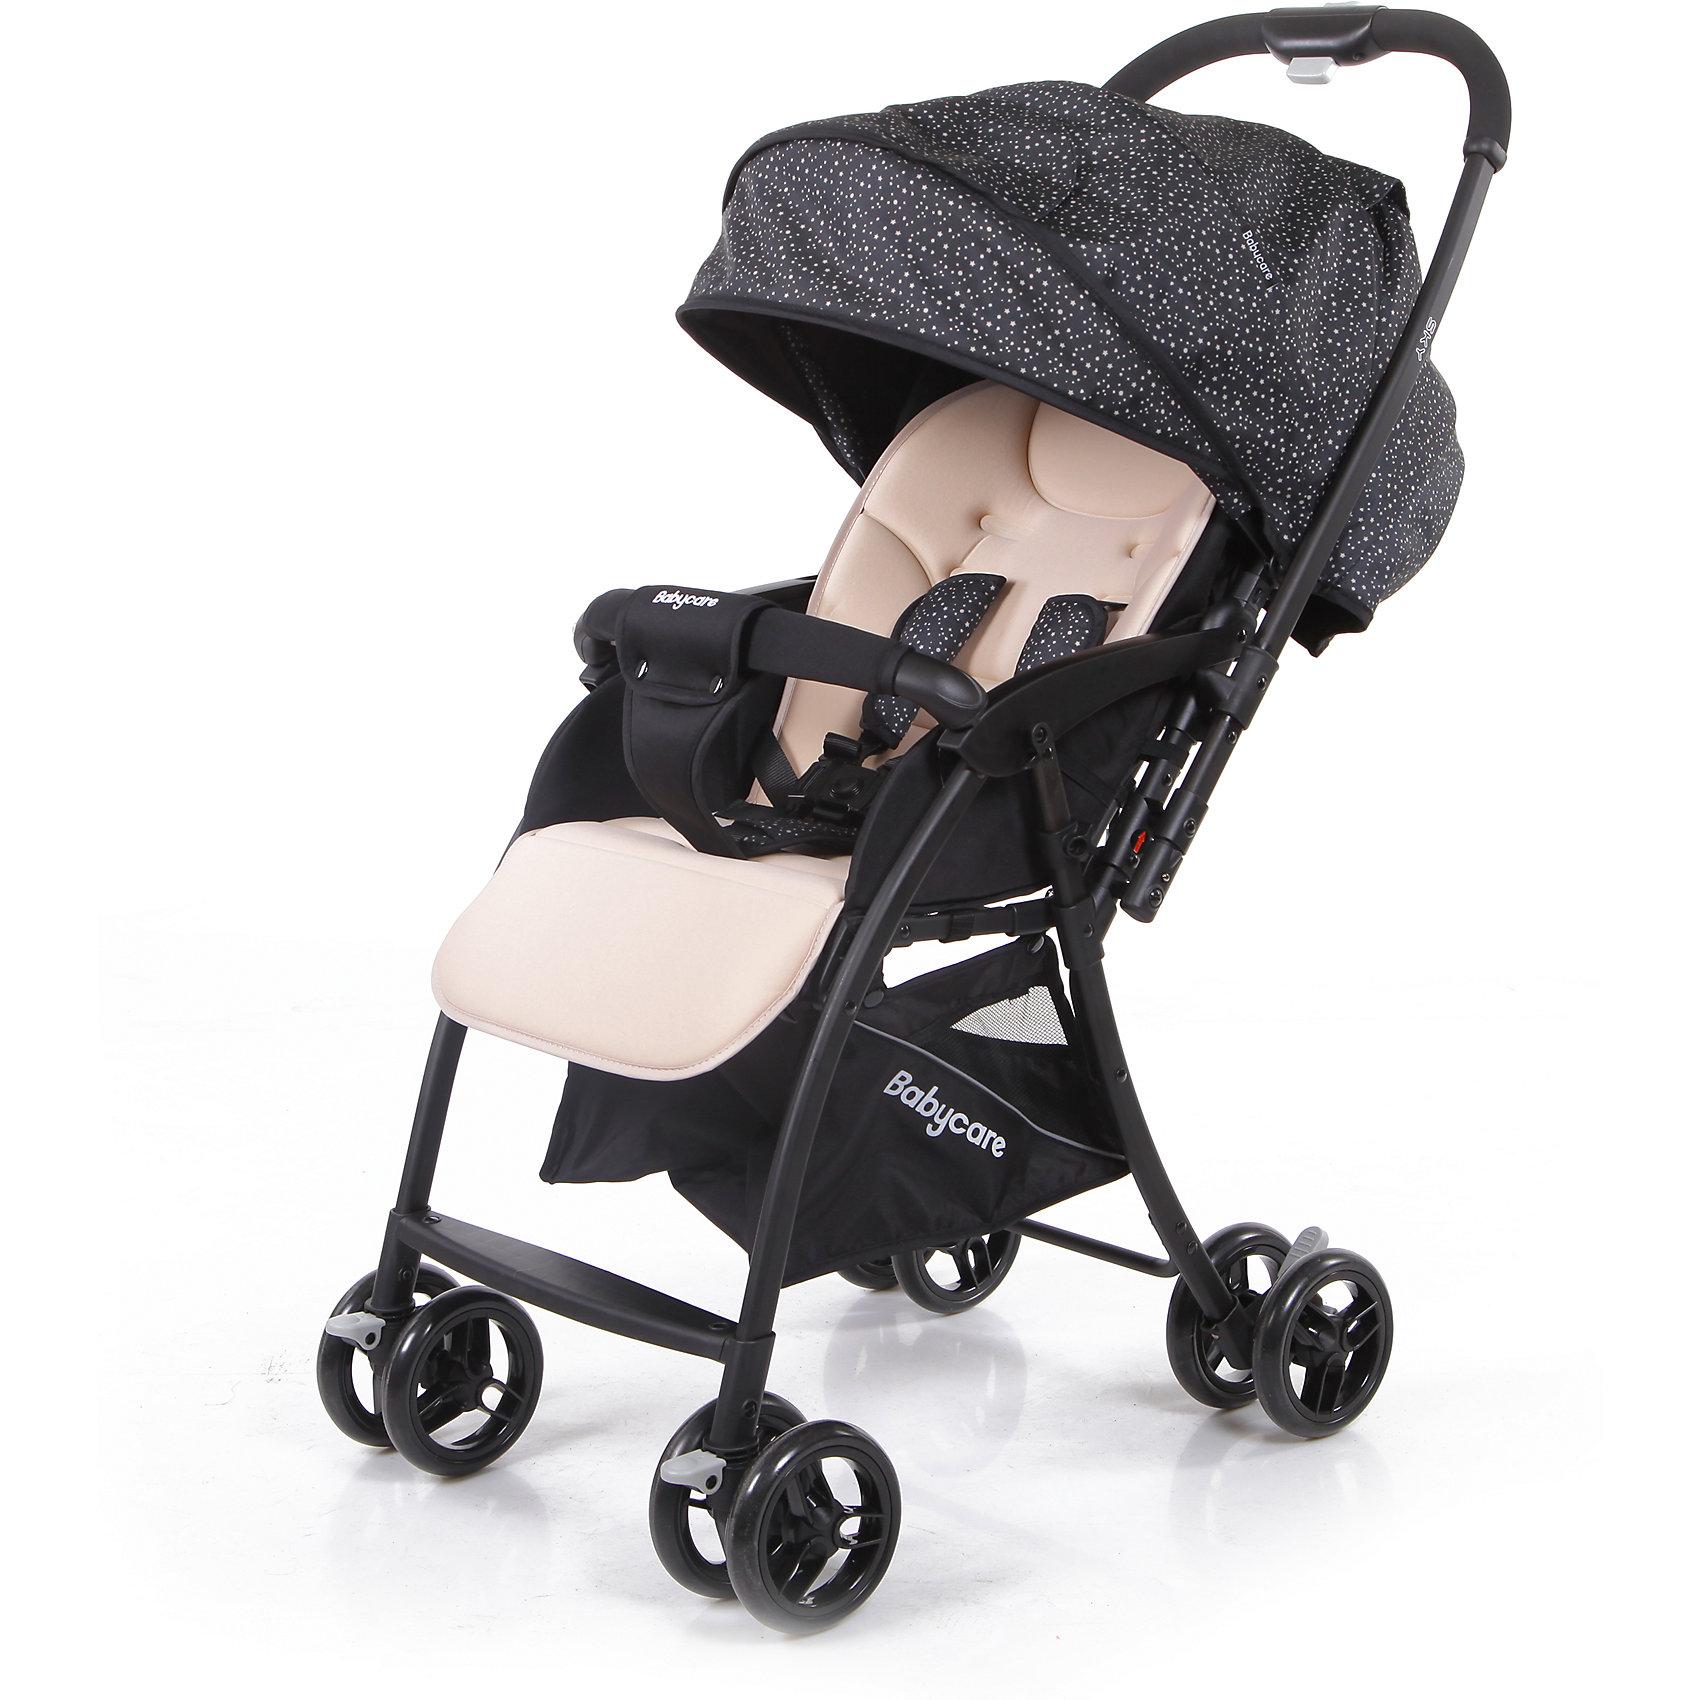 Прогулочная коляска Baby Care Sky, бежевыйПрогулочные коляски<br>Характеристики коляски<br><br>Прогулочный блок:<br><br>• регулируемый угол наклона спинки;<br>• регулируемая подножка;<br>• 5-ти точечные ремни безопасности;<br>• бампер обтянут мягкой тканью, отводится в сторону;<br>• капюшон оснащен смотровыми окошками;<br>• чехол на ножки защищает от ветра и непогоды;<br>• корзина для покупок вмещает до 3 кг;<br>• материал: пластик, полиэстер.<br><br>Рама коляски: <br><br>• перекидная ручка коляски;<br>• сдвоенные колеса;<br>• плавающие передние колеса с ручной фиксацией;<br>• амортизация передних колес;<br>• тип складывания: книжка;<br>• стоит в вертикальном положении в сложенном состоянии;<br>• тип тормоза – ножной;<br>• коляска складывается одной рукой;<br>• материал рамы: алюминий.<br><br>Размеры:<br><br>• размер коляски: 83х47х98 см;<br>• размер в сложенном виде: 30х47х93 см;<br>• диаметр колес: 13,4 см;<br>• ширина сиденья: 34 см;<br>• размер корзины: 31х31х18 см;<br>• вес коляски: 4,7 кг;<br>• размер упаковки: 73х46х21 см;<br>• вес в упаковке: 6,2 кг. <br><br>Прогулочную коляску Baby Care Sky, цвет бежевый можно купить в нашем интернет-магазине.<br><br>Ширина мм: 730<br>Глубина мм: 460<br>Высота мм: 210<br>Вес г: 6200<br>Возраст от месяцев: 6<br>Возраст до месяцев: 36<br>Пол: Унисекс<br>Возраст: Детский<br>SKU: 6668622